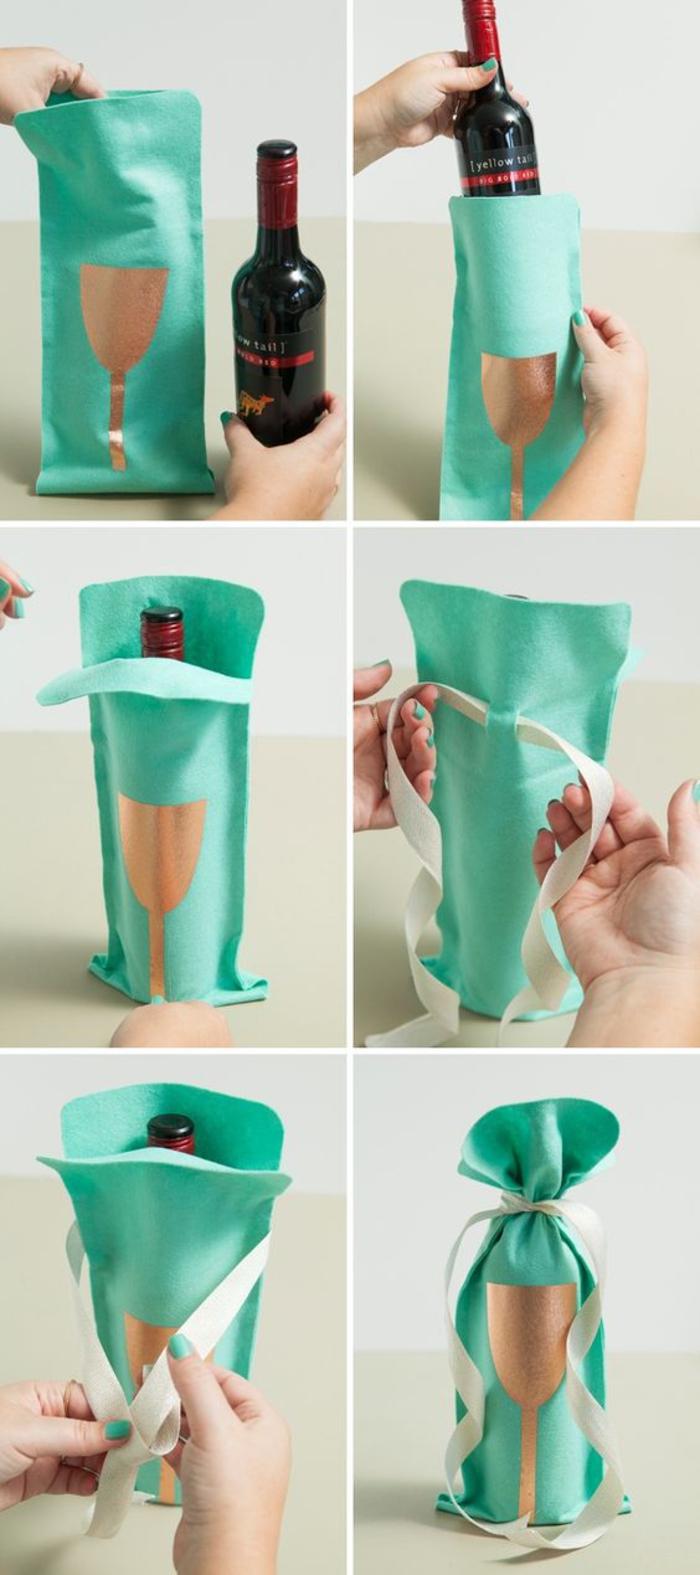 bottiglie-di-vino-personalizzate-step-by-spep-sachettino-regalo-colore-turchese-nastro-stencil-bicchiere